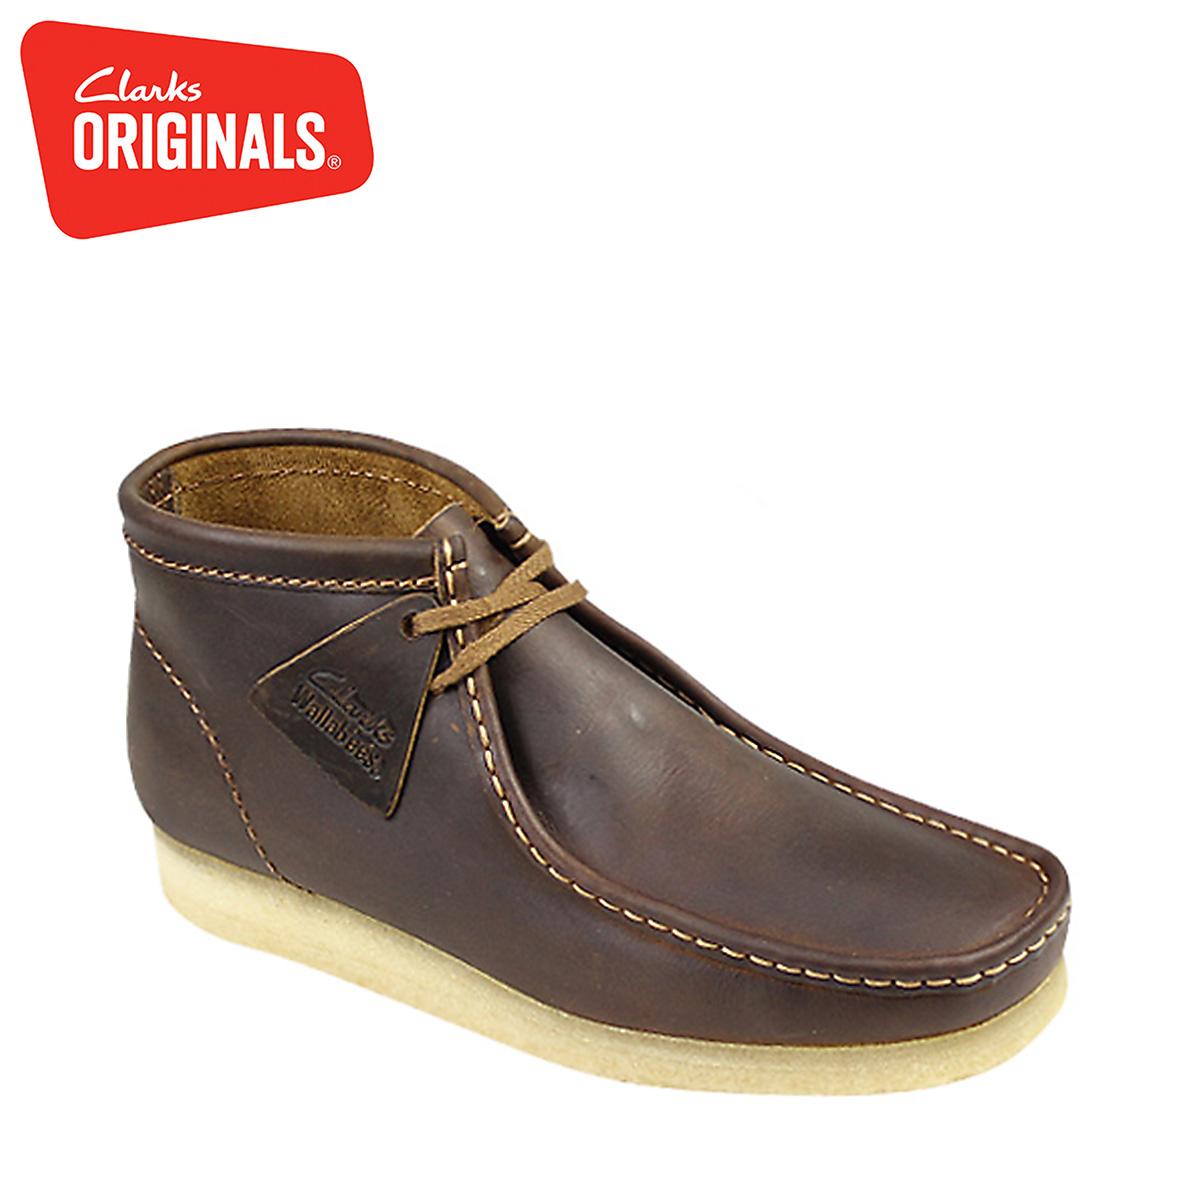 Clarks ORIGINALS ワラビー ブーツ メンズ クラークス WALLABEE BOOT オリジナルズ Mワイズ 26103604